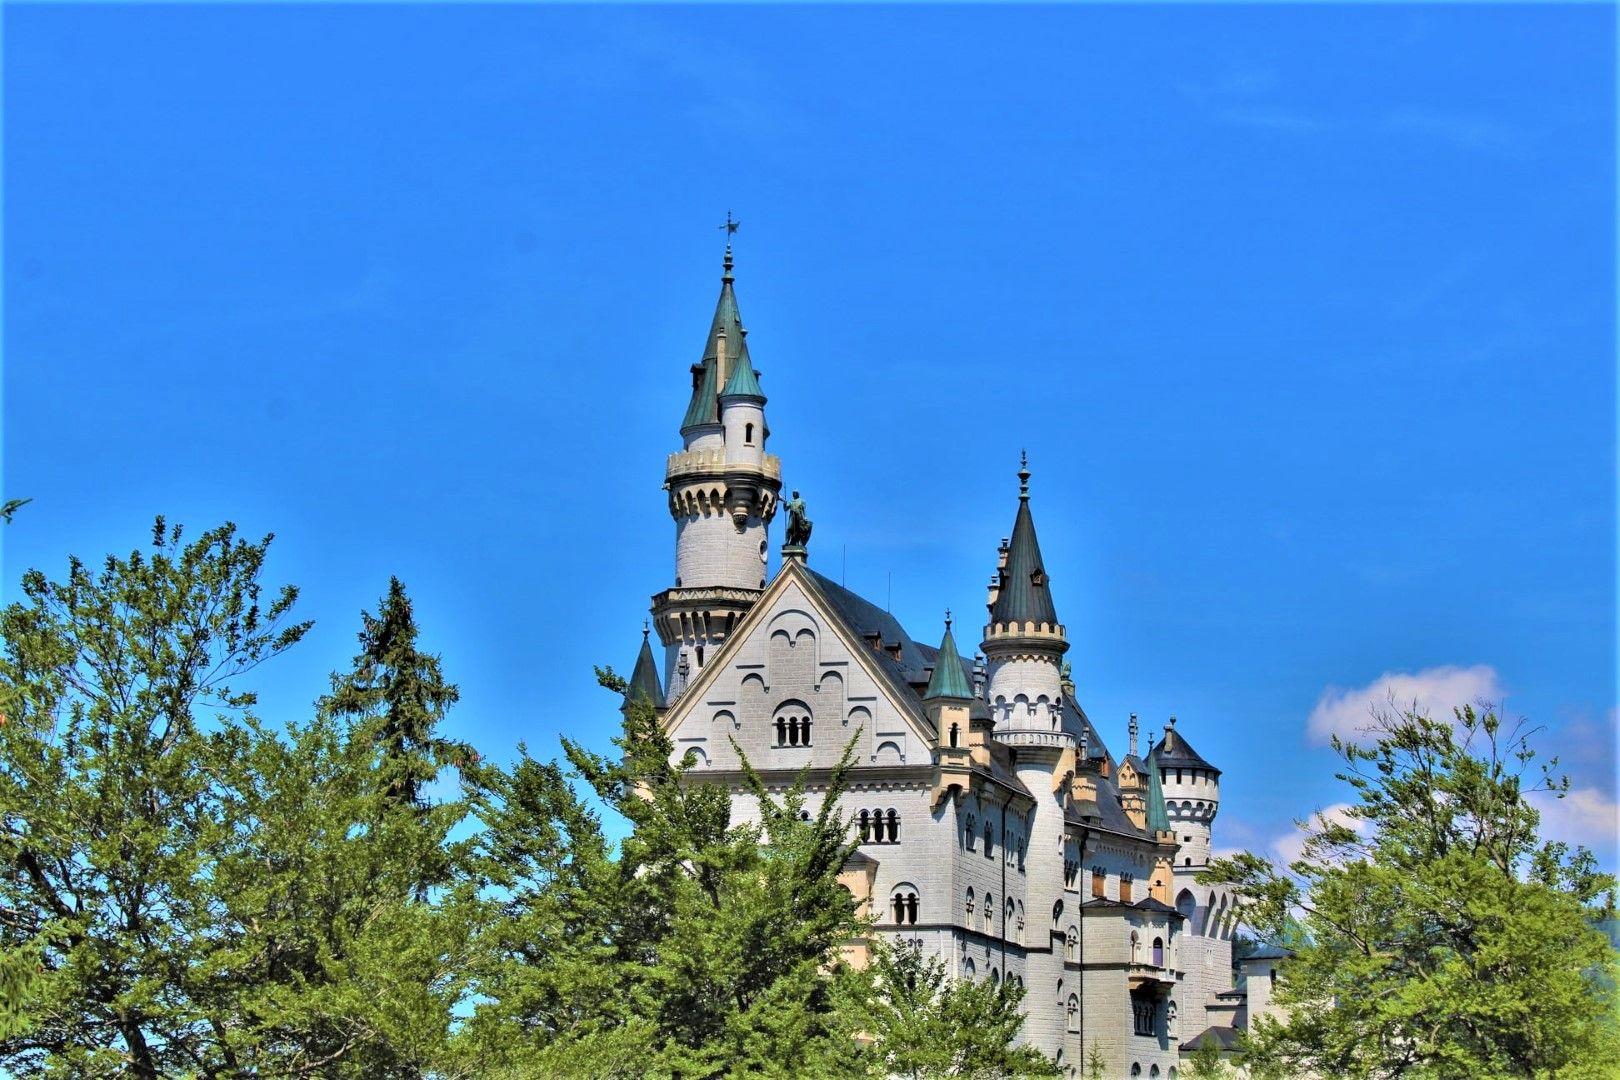 Замъкът Нойшванщайн - прототипът на Дисни